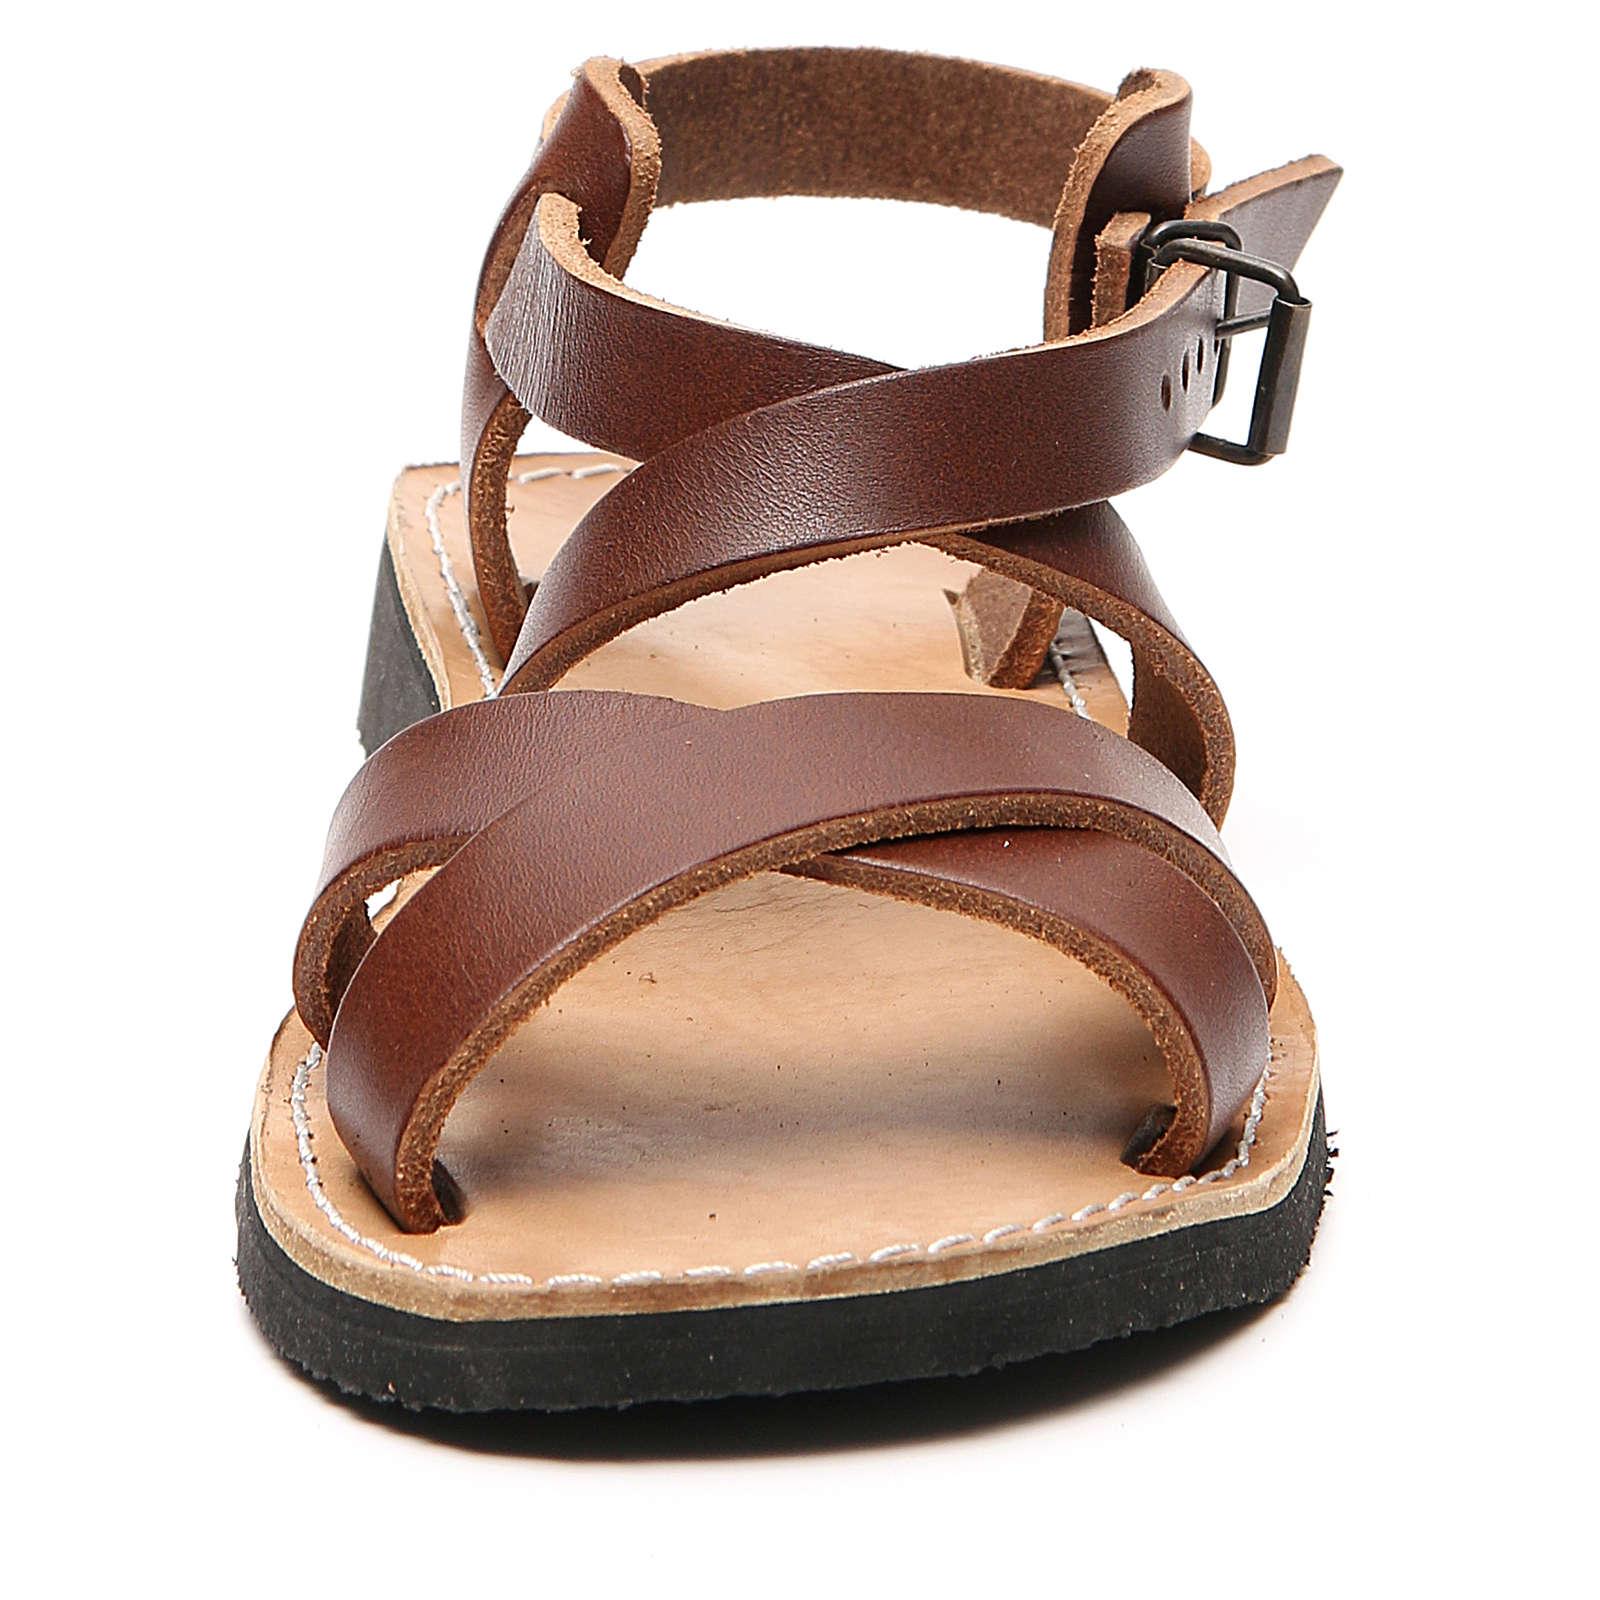 Sandales franciscaines mod. Sinaia cuir Moines de Bethléem 4